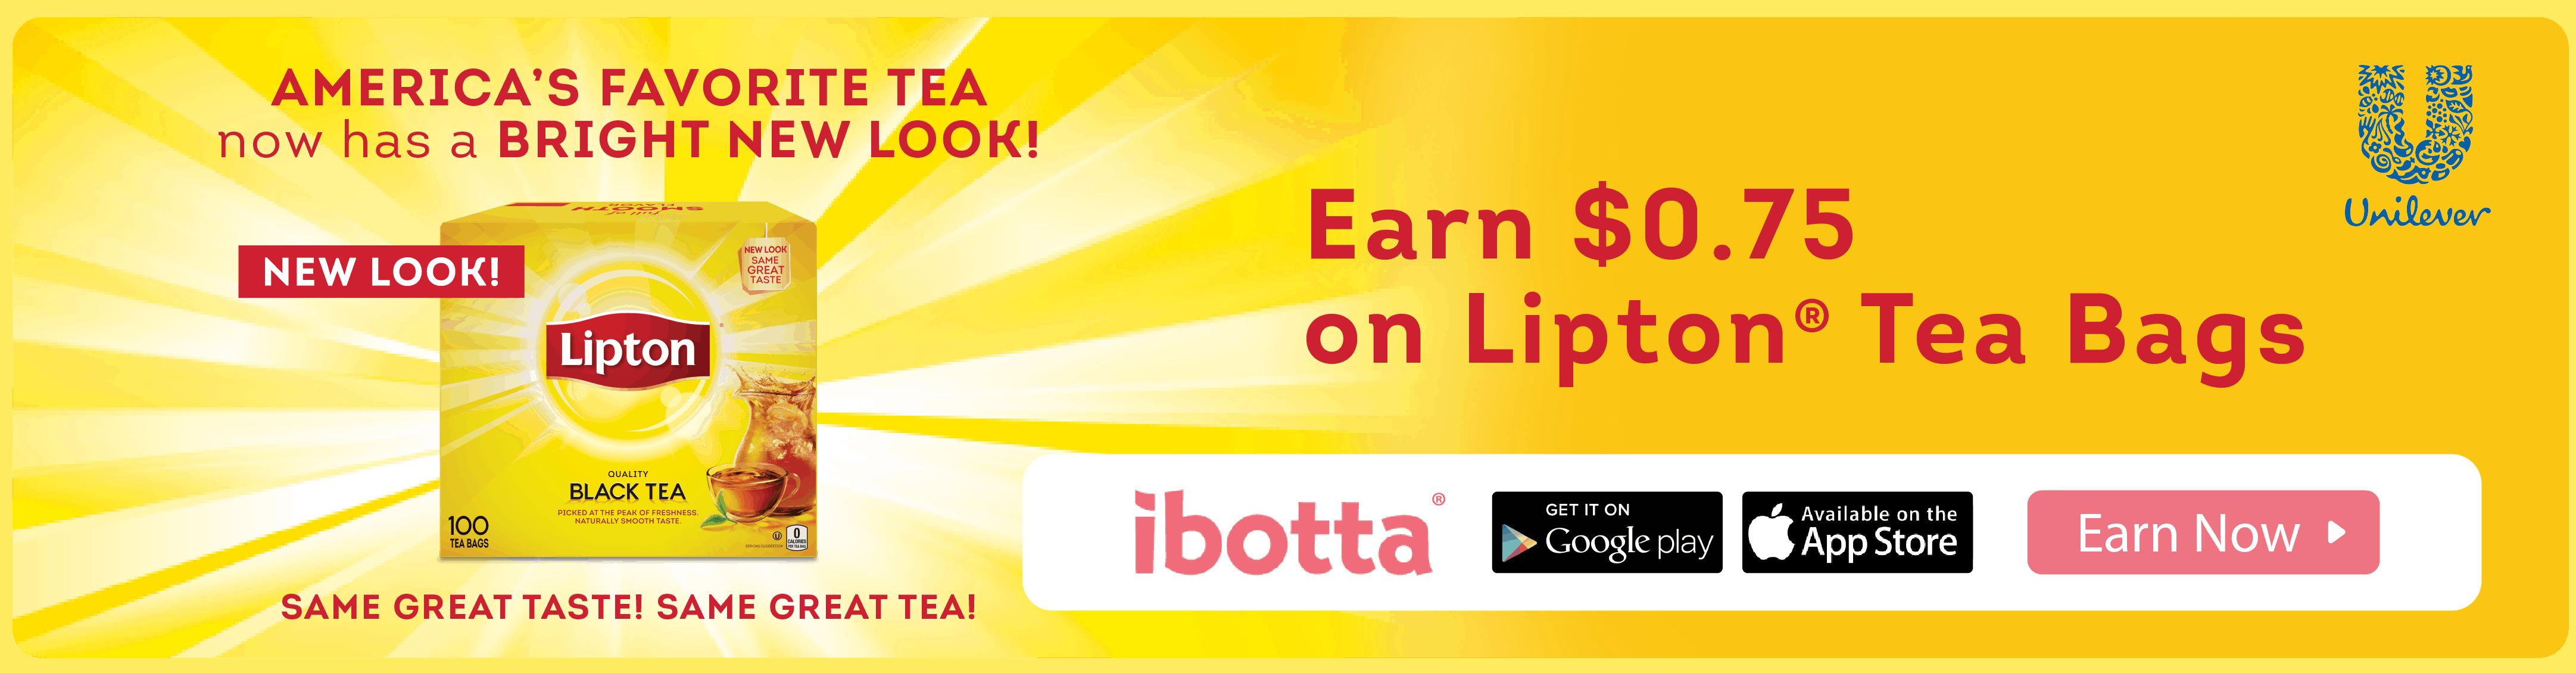 Ibotta offer